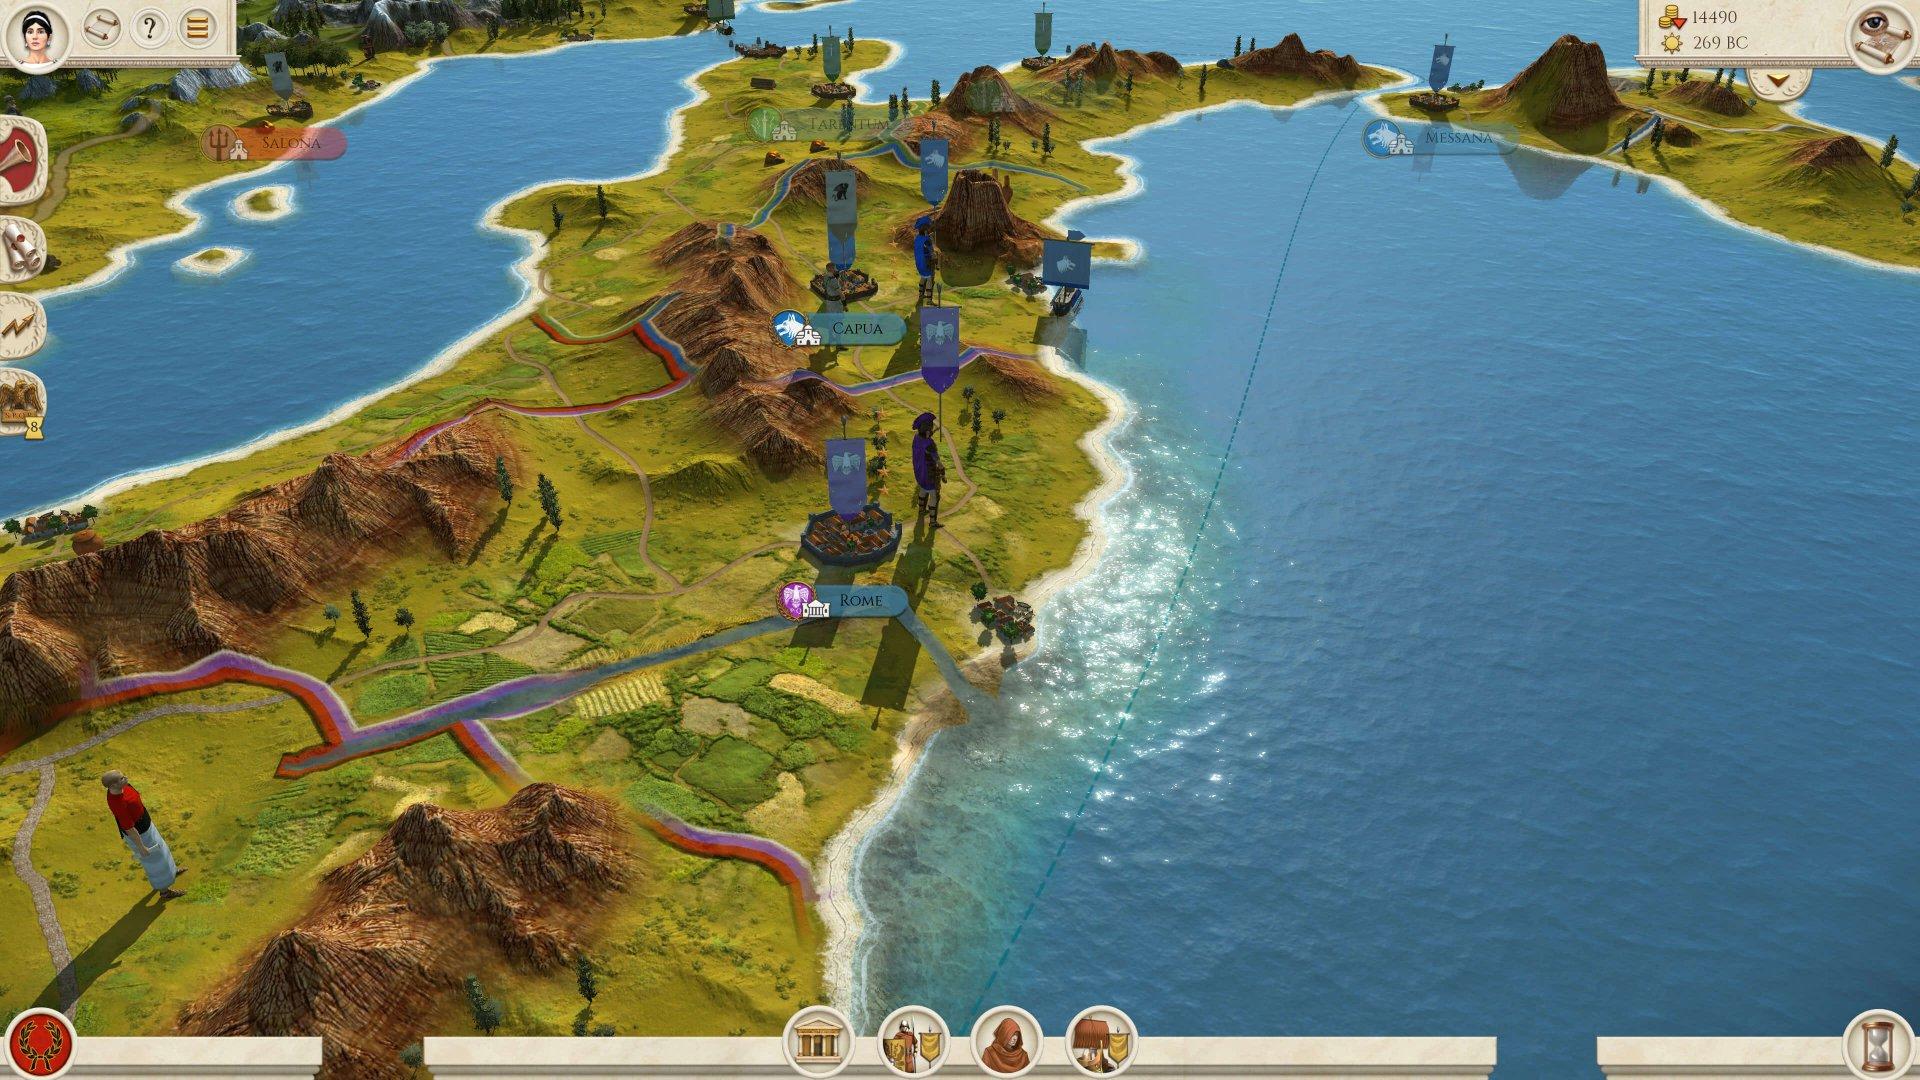 Видео: о повышении удобства игры в новом трейлере ремастера Total War: Rome